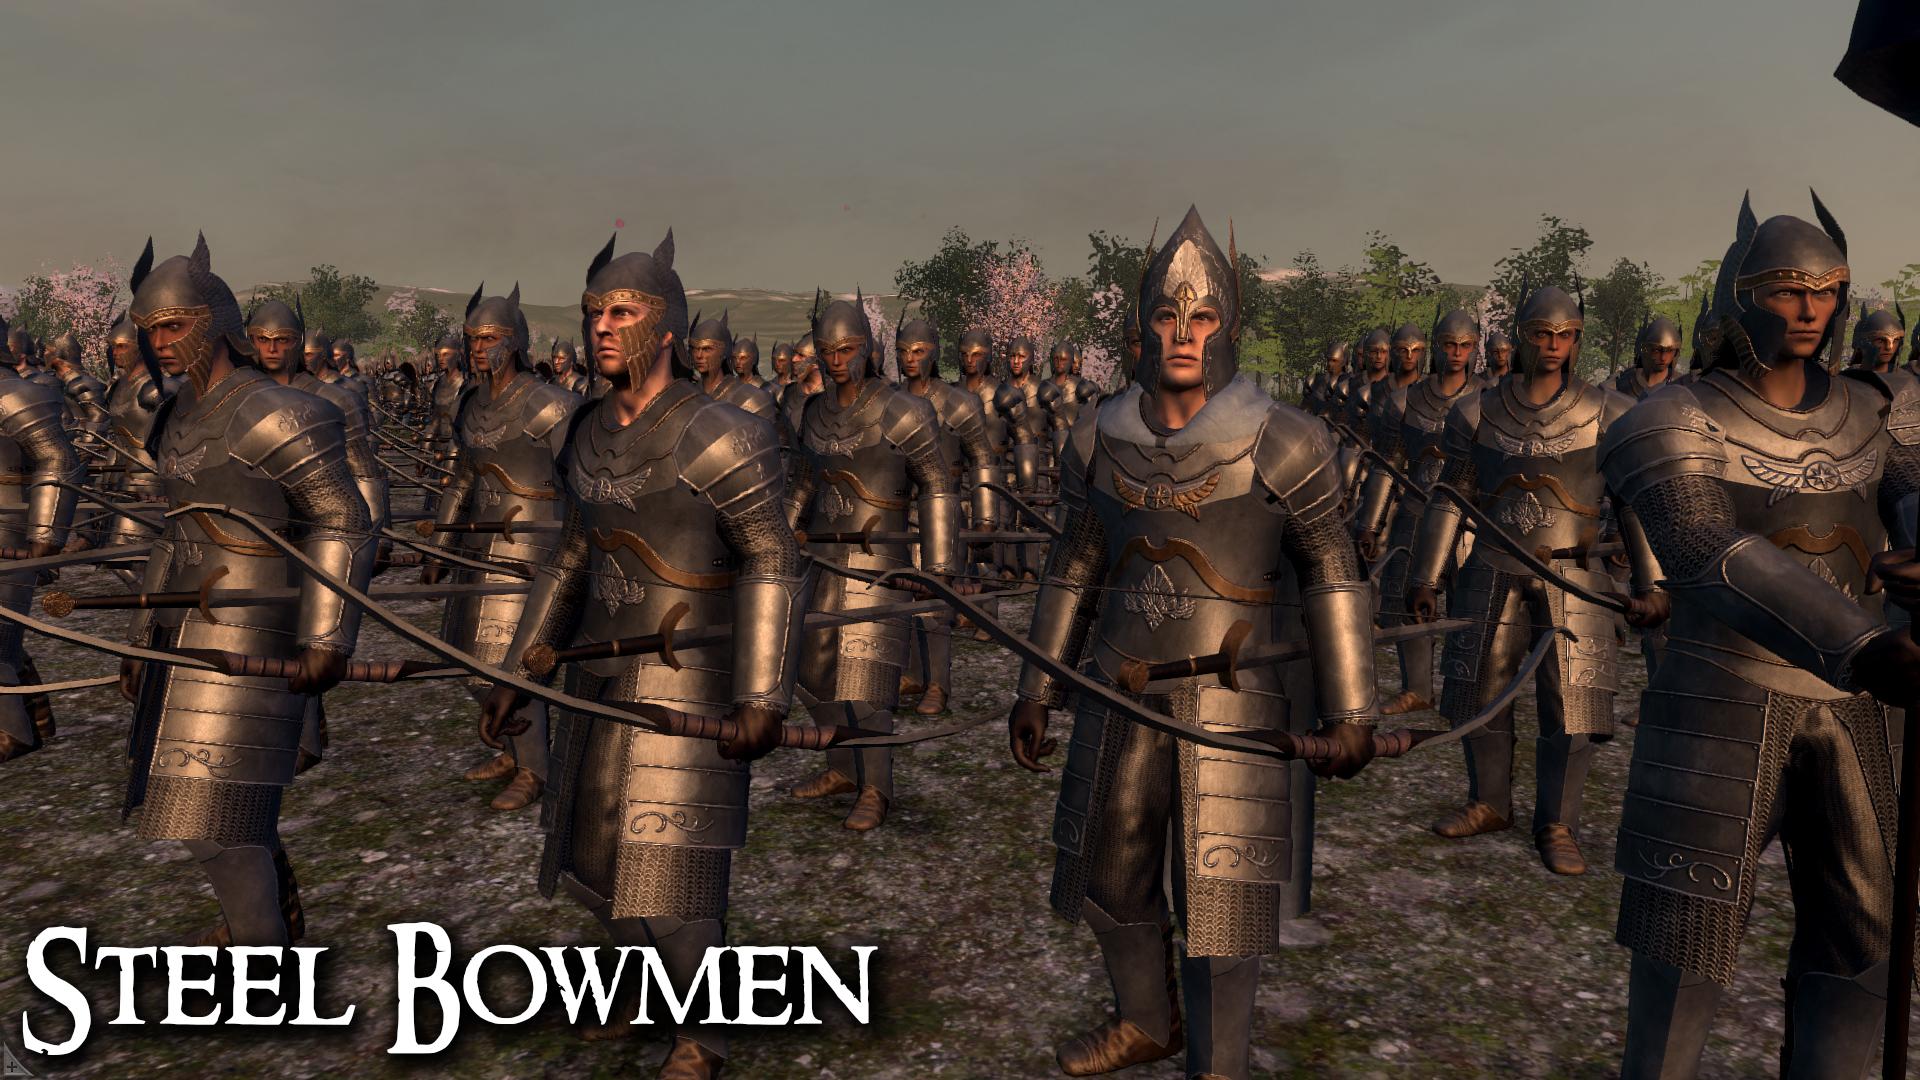 Steel Bowmen